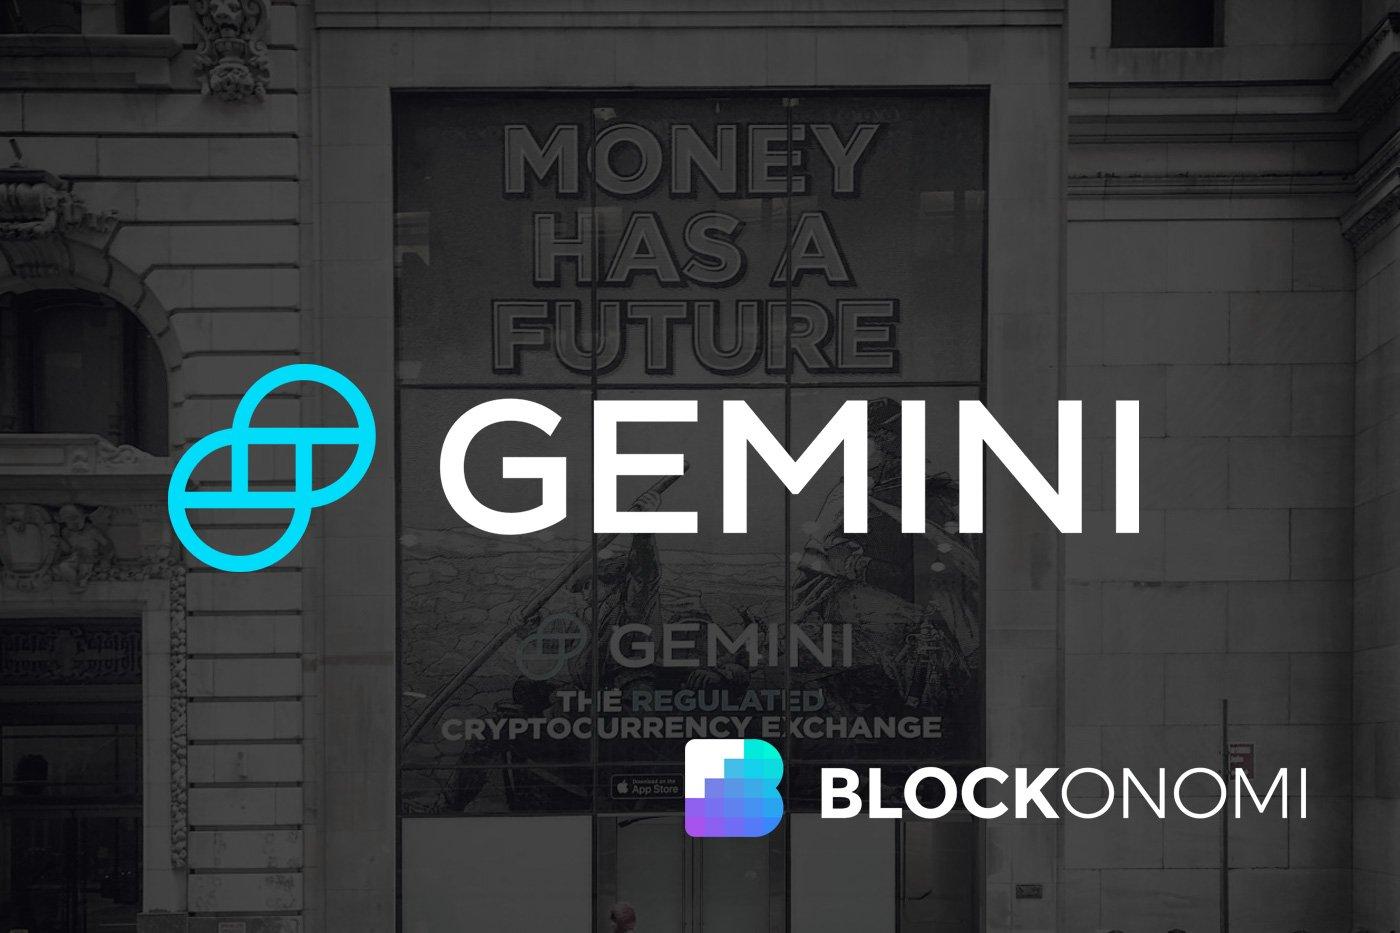 Gemini Ad Campaign